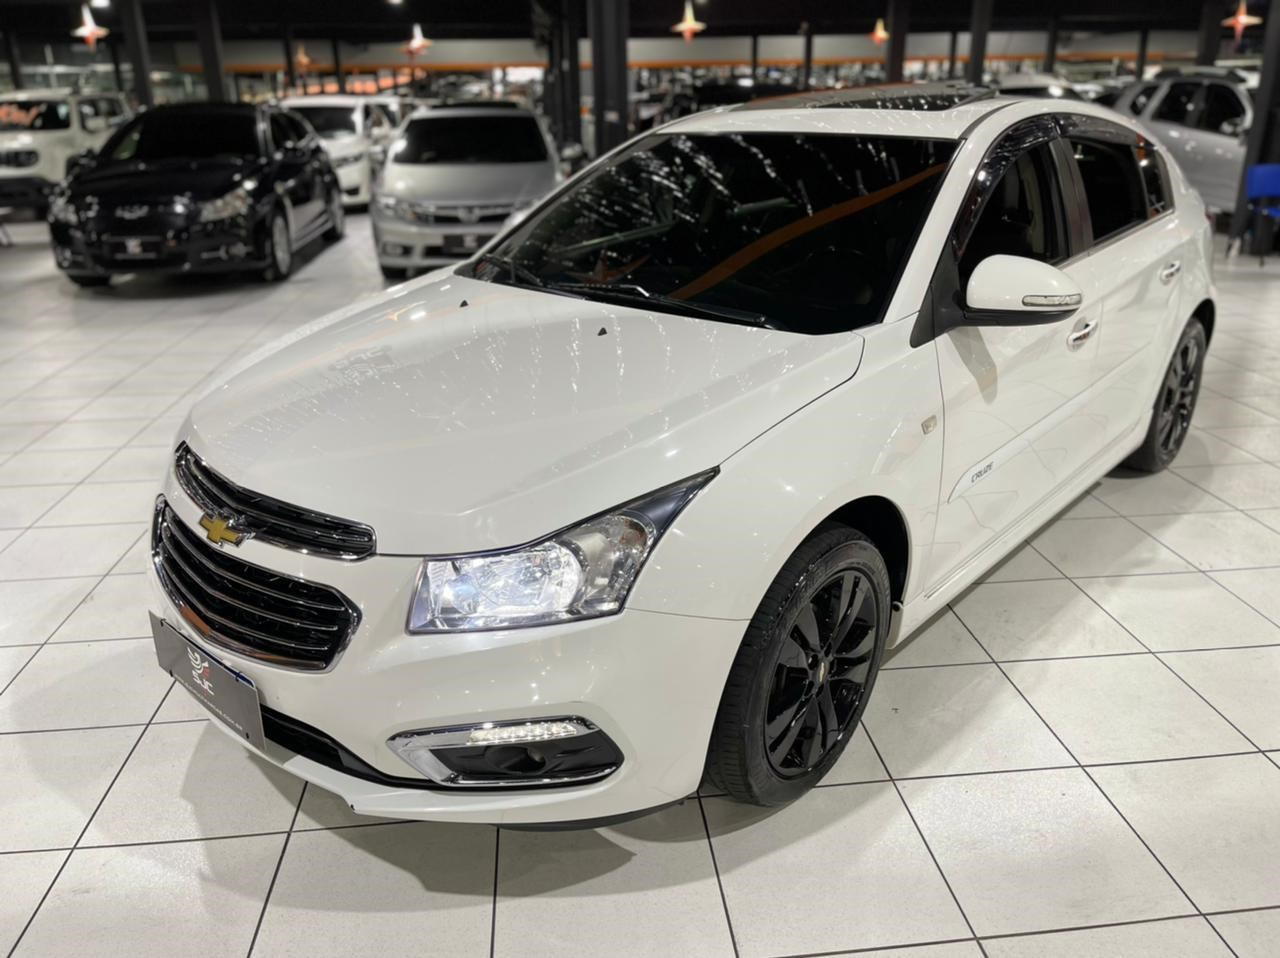 //www.autoline.com.br/carro/chevrolet/cruze-18-hatch-sport-ltz-16v-flex-4p-automatico/2015/sao-jose-dos-campos-sp/15563700